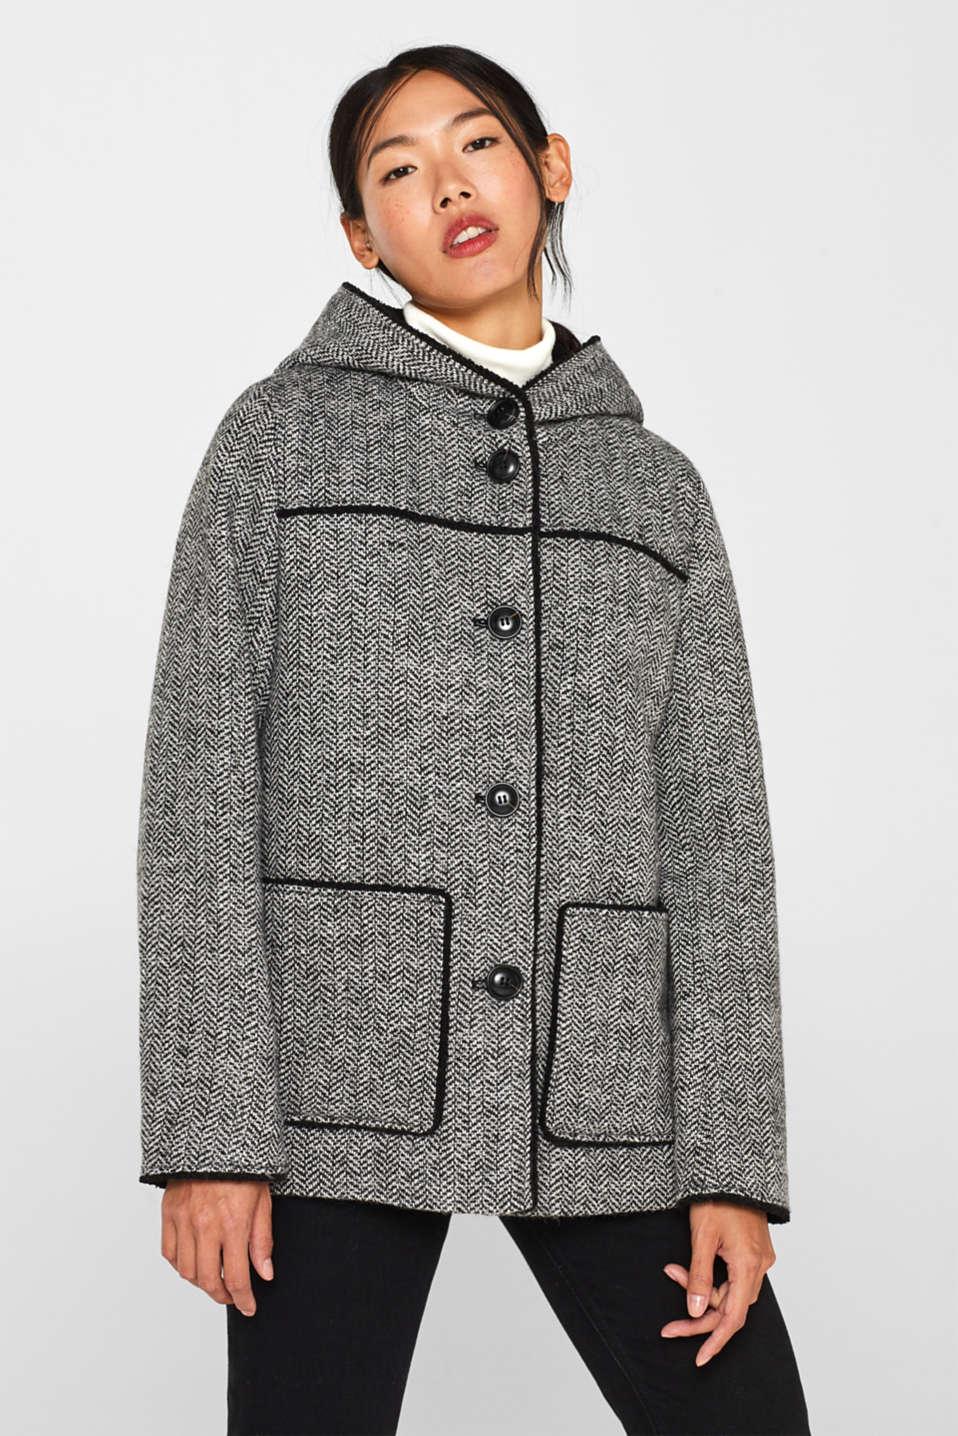 Esprit : À teneur en laine : le manteau à la texture tissée